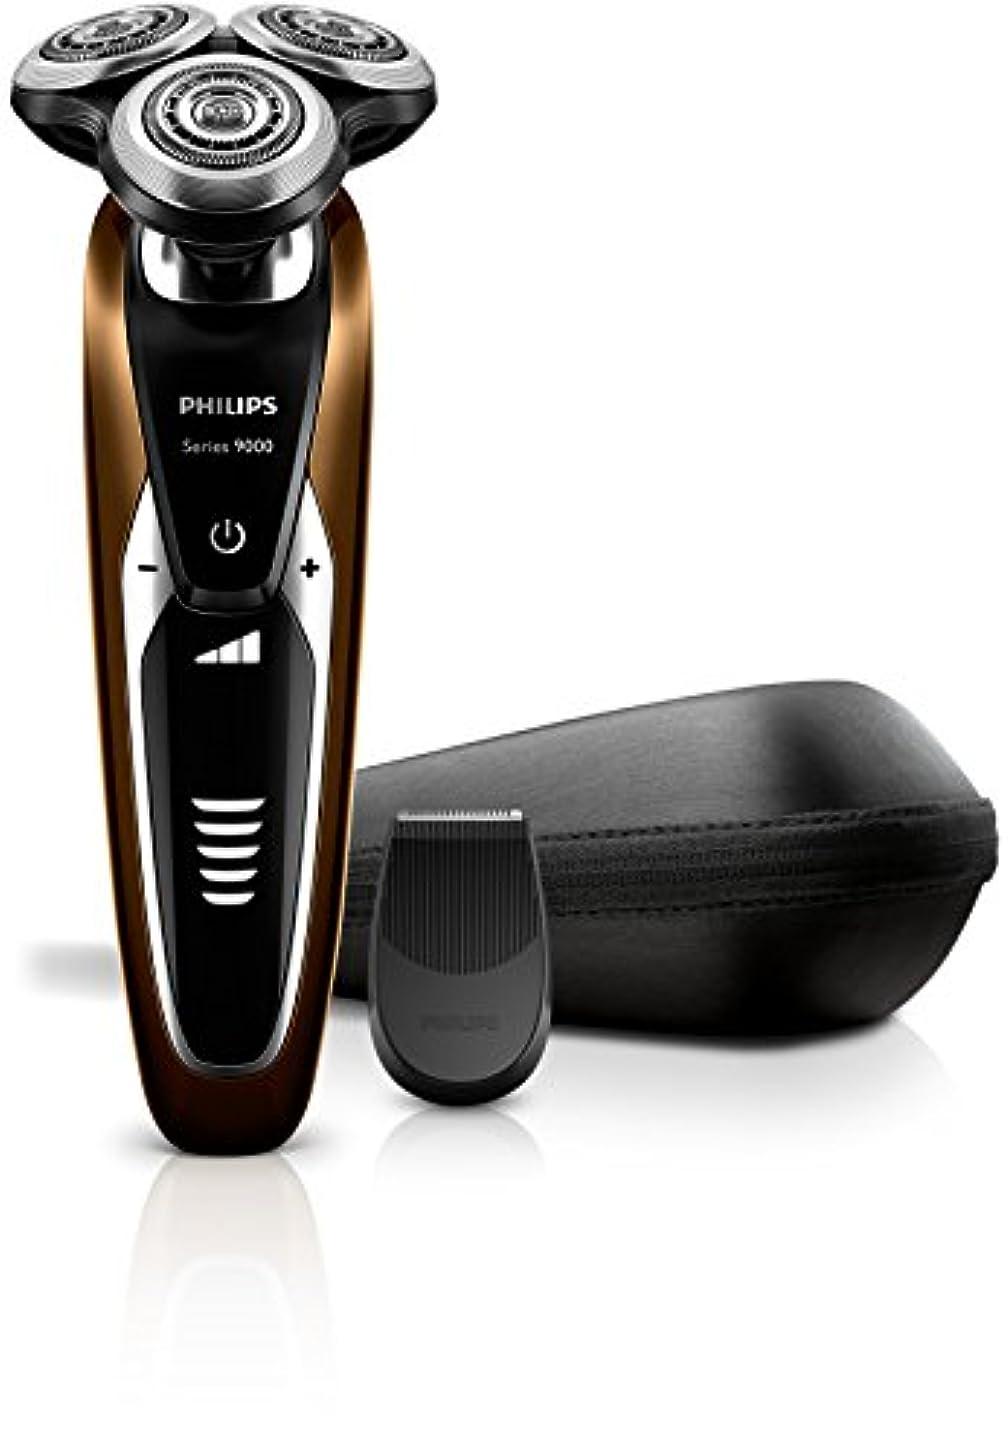 全員バックグラウンド小麦フィリップス 9000シリーズ メンズ 電気シェーバー 72枚刃 回転式 お風呂剃り & 丸洗い可 トリマー付 S9511/12